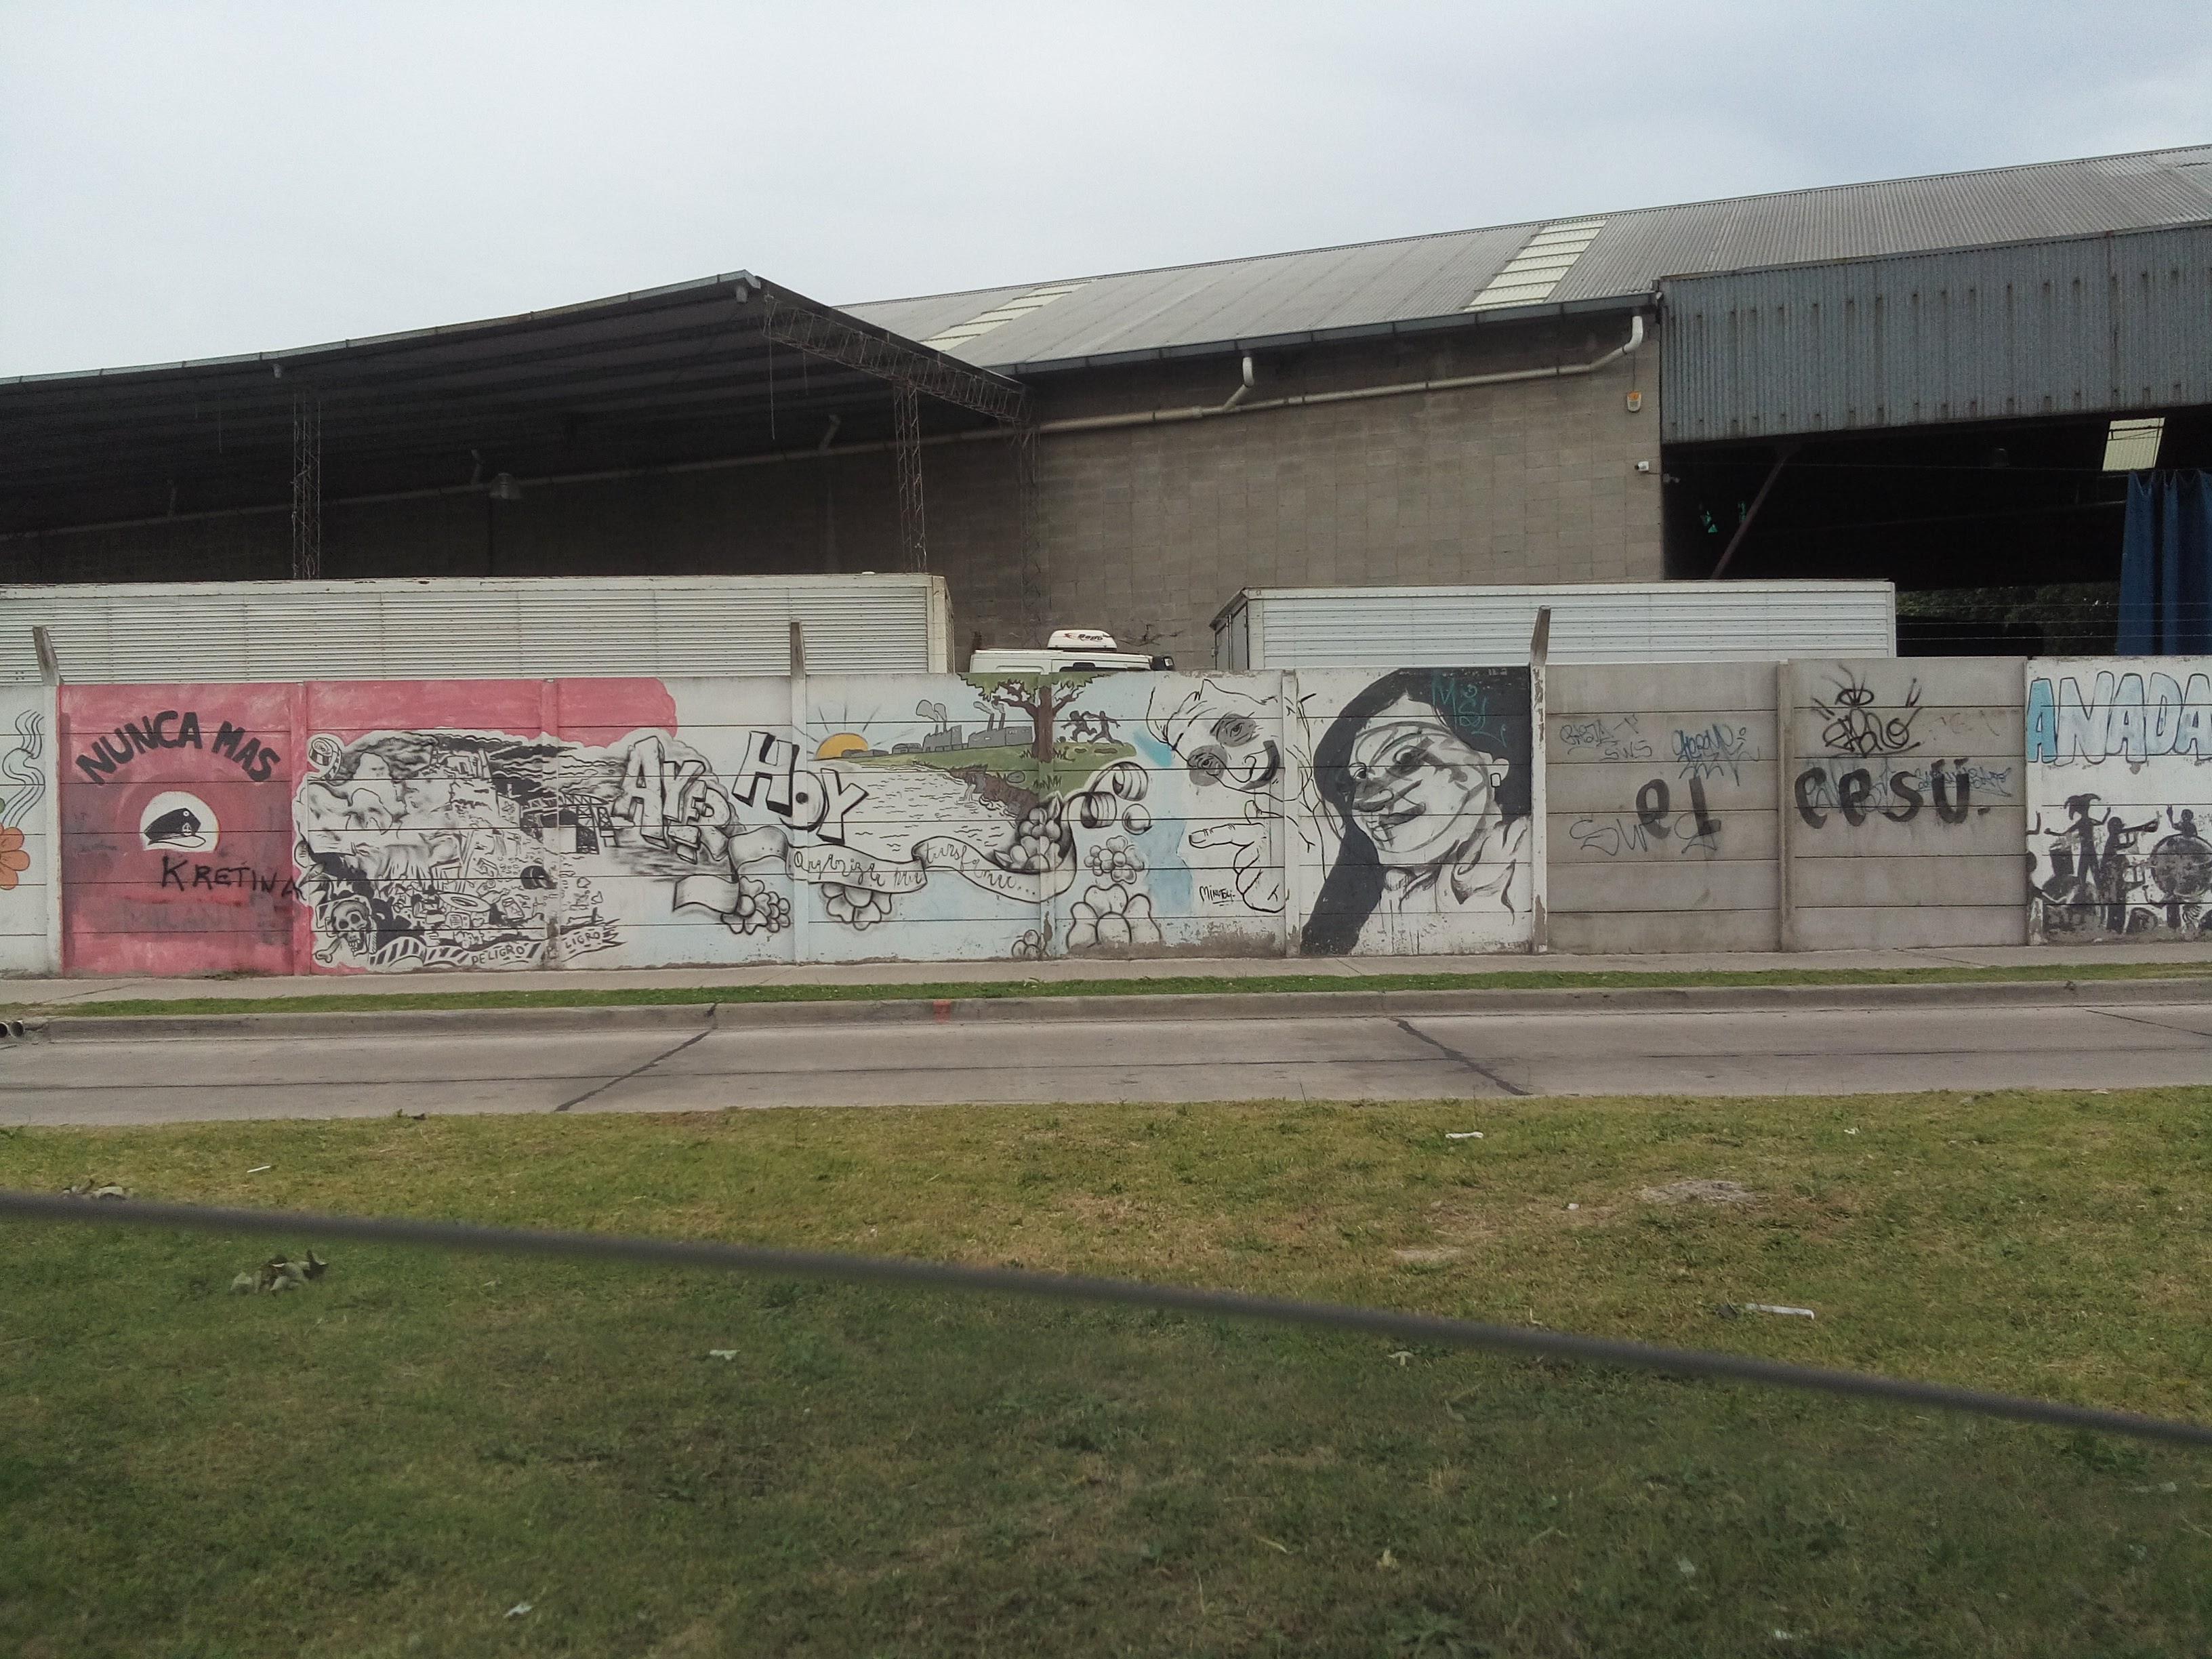 Imágen 1 - Mural en Camino de Sirga y Av. Velez Sarsfield